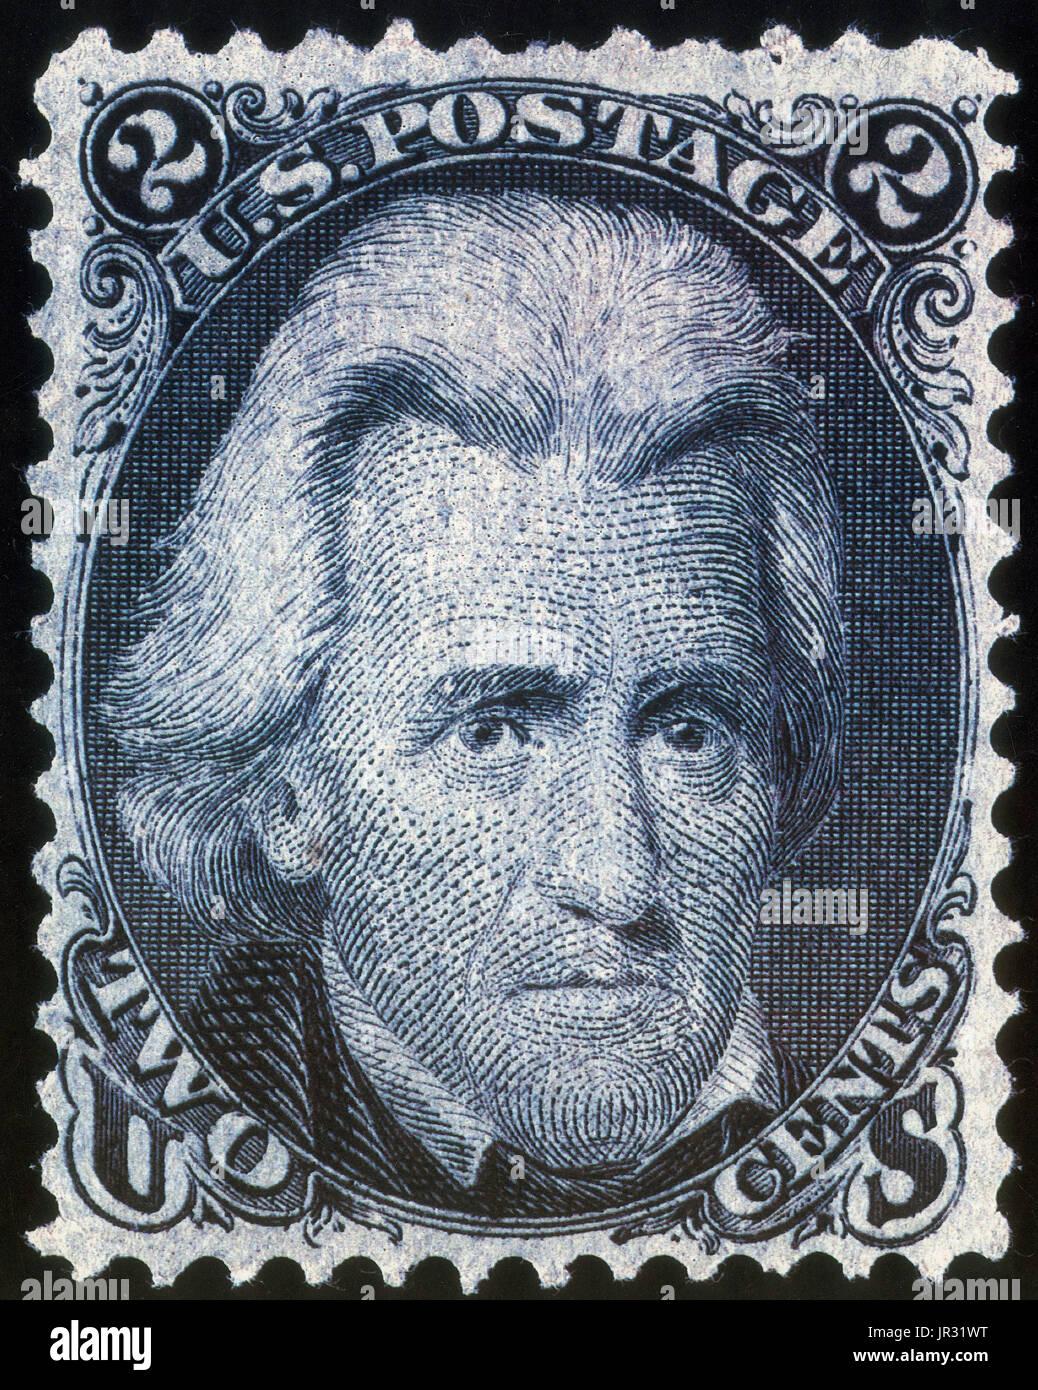 Blackjack Black Jack ou était le 2¢ dénomination United States Postage Stamp émis à partir du 1er juillet 1863 à 1869, est généralement appelé 'Black Jack' en raison du grand art du portrait du président des États-Unis, Andrew Jackson sur son visage imprimé en noir. Le timbre fut émis pour répondre à un besoin d'un taux réduit, 2¢ dénomination pour journaux, magazines, et des livraisons locales; et a souvent été utilisé pour 'make up' un taux plus élevé, ou divisé en deux pour obtenir des doses plus faibles (1¢) en raison de la pénurie de timbres au bureau de poste local. Pendant la guerre civile, le 'Black Jack' est censée avoir été favorisée Banque D'Images